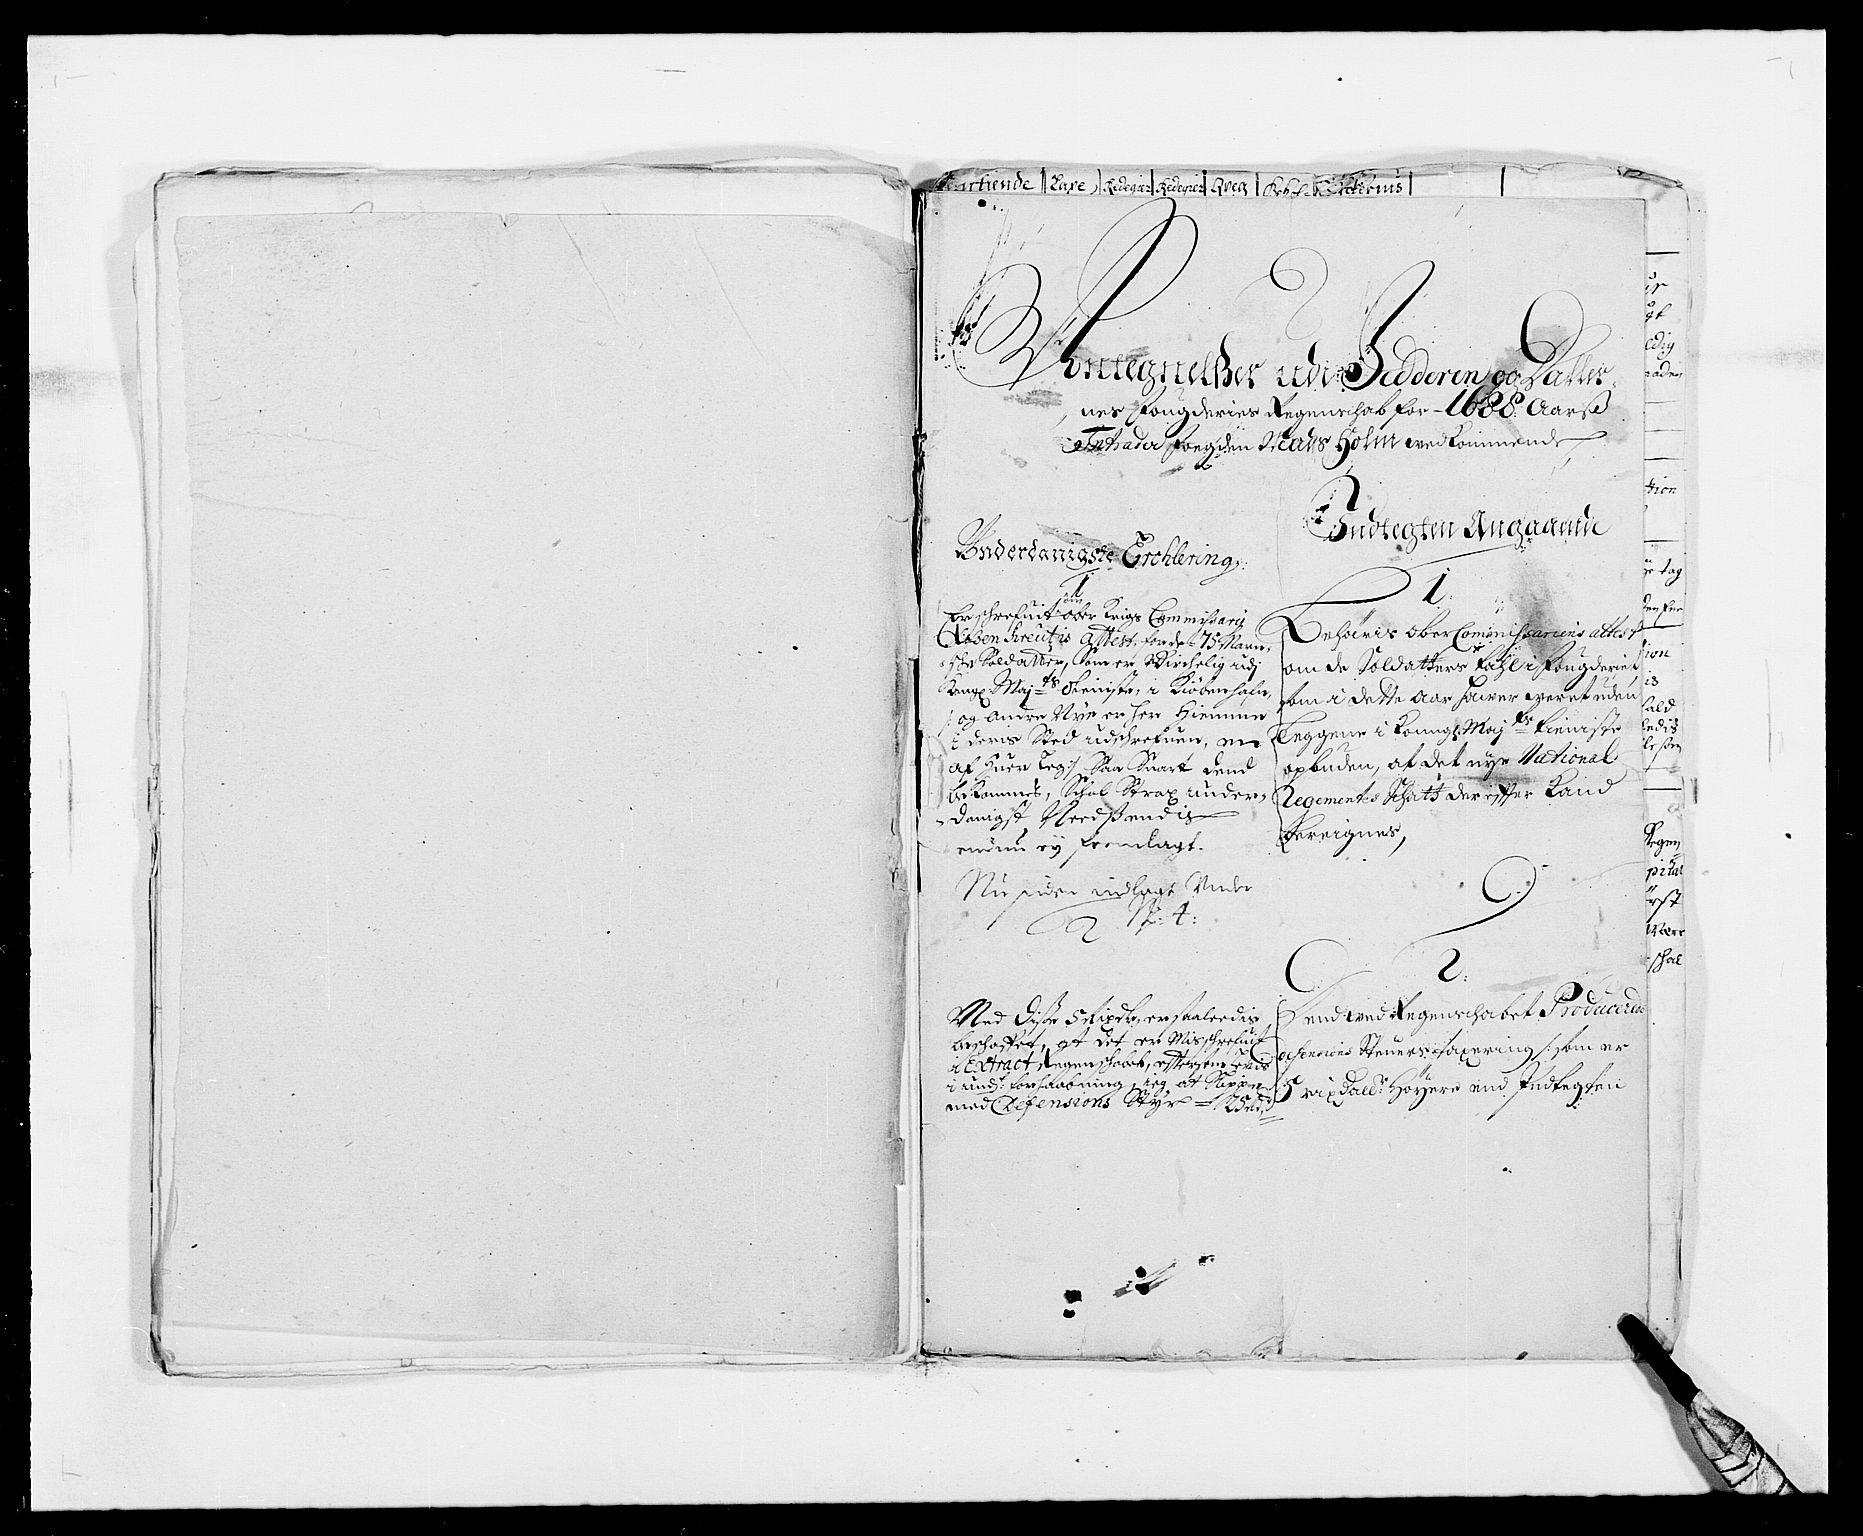 RA, Rentekammeret inntil 1814, Reviderte regnskaper, Fogderegnskap, R46/L2726: Fogderegnskap Jæren og Dalane, 1686-1689, s. 299